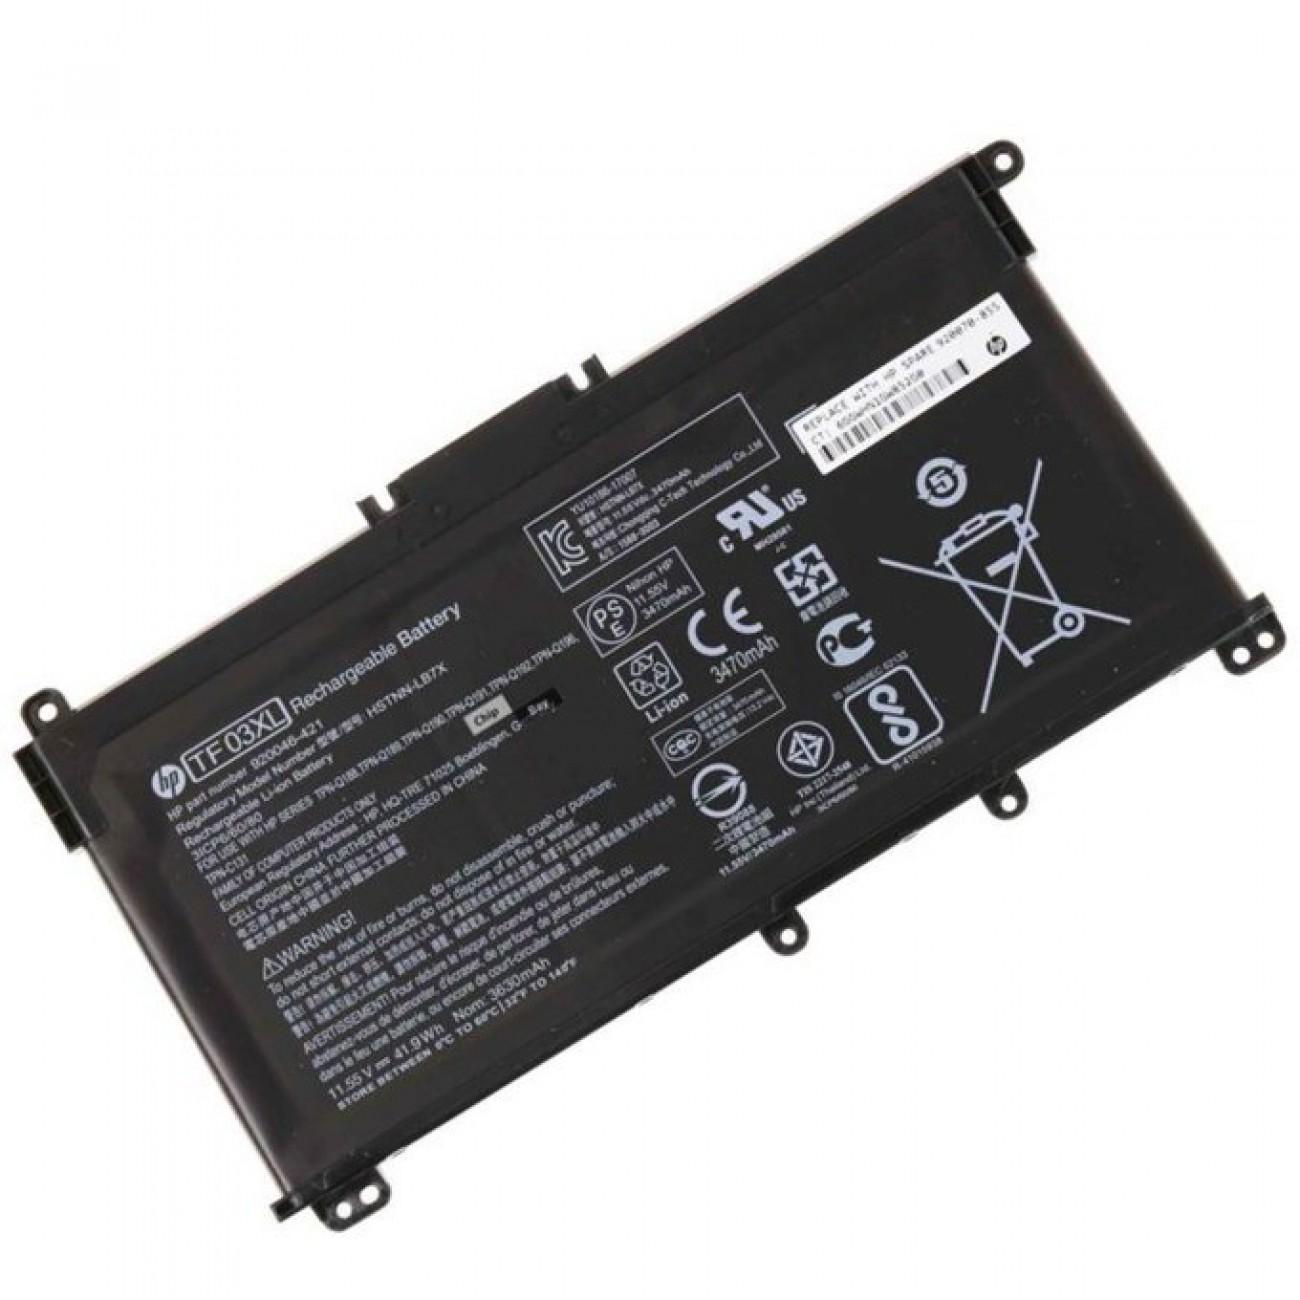 Батерия (оригинална) за HP Pavilion, съвместима с модели 14 Pavilion 15 TF03XL, 11.1V 3630mAh